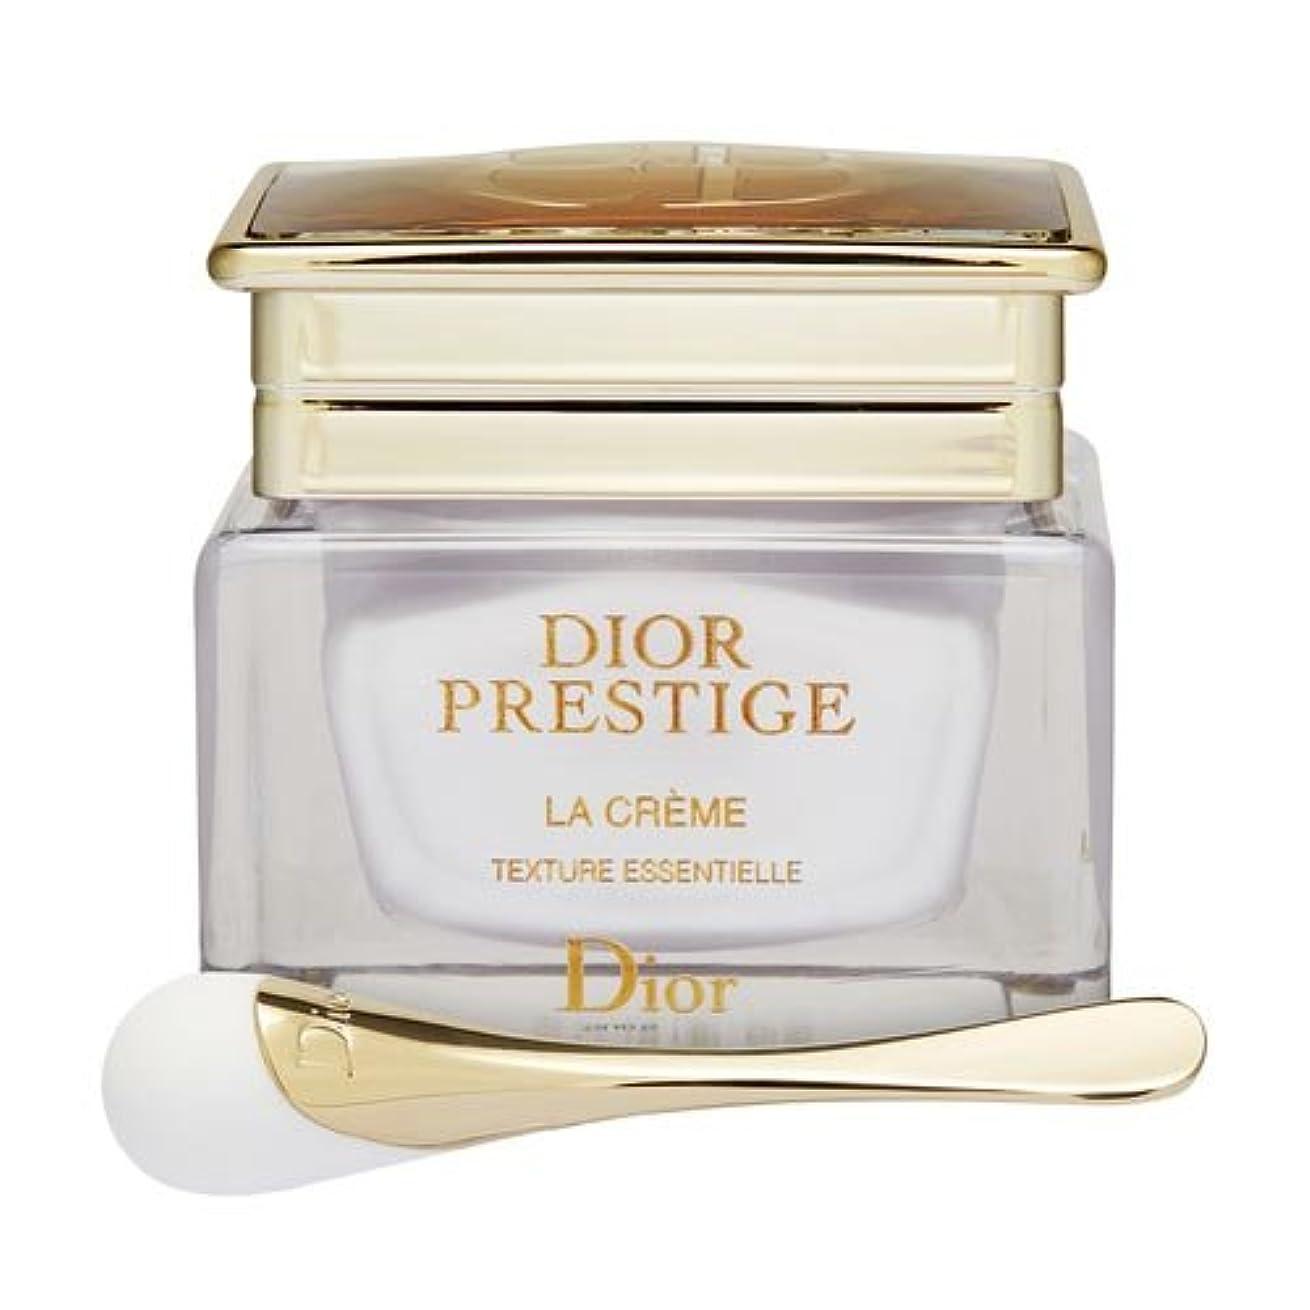 無線ジョージバーナード広告するディオール(Dior) プレステージ ラ クレーム 50ml[並行輸入品]